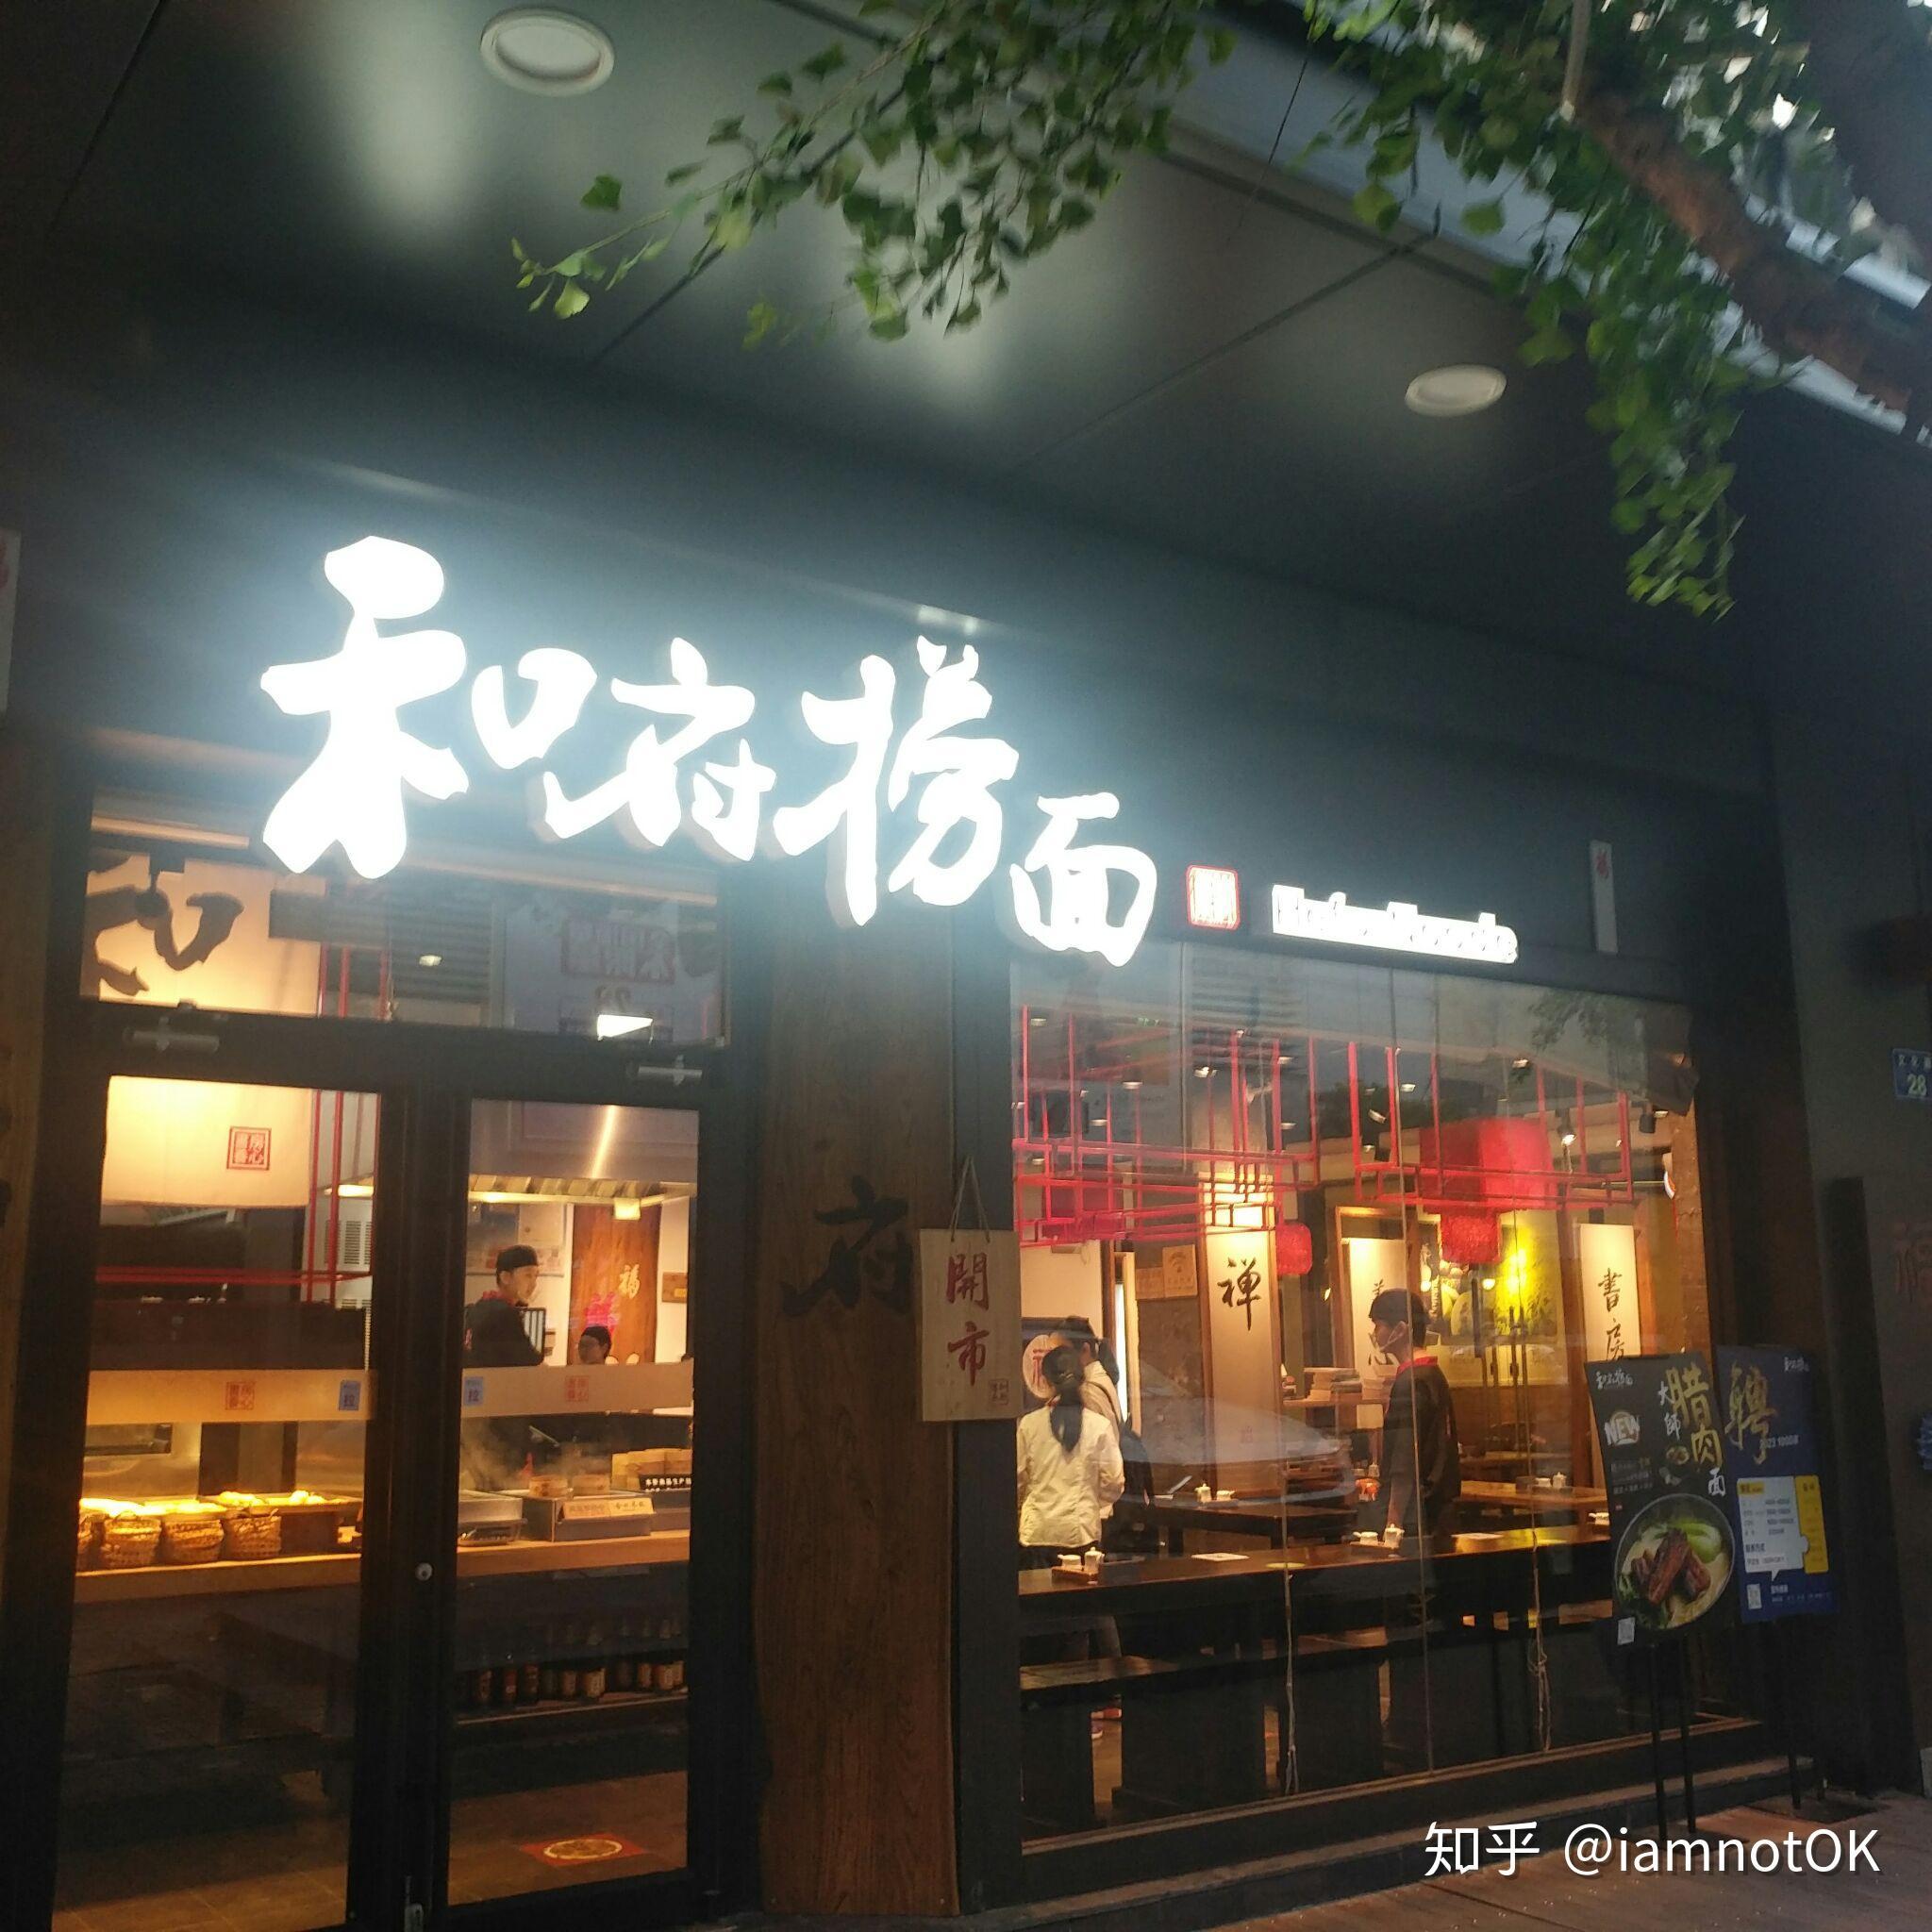 在淄博张店,如果你中午正好赶到柳泉路广电大厦附近,最好来这吃